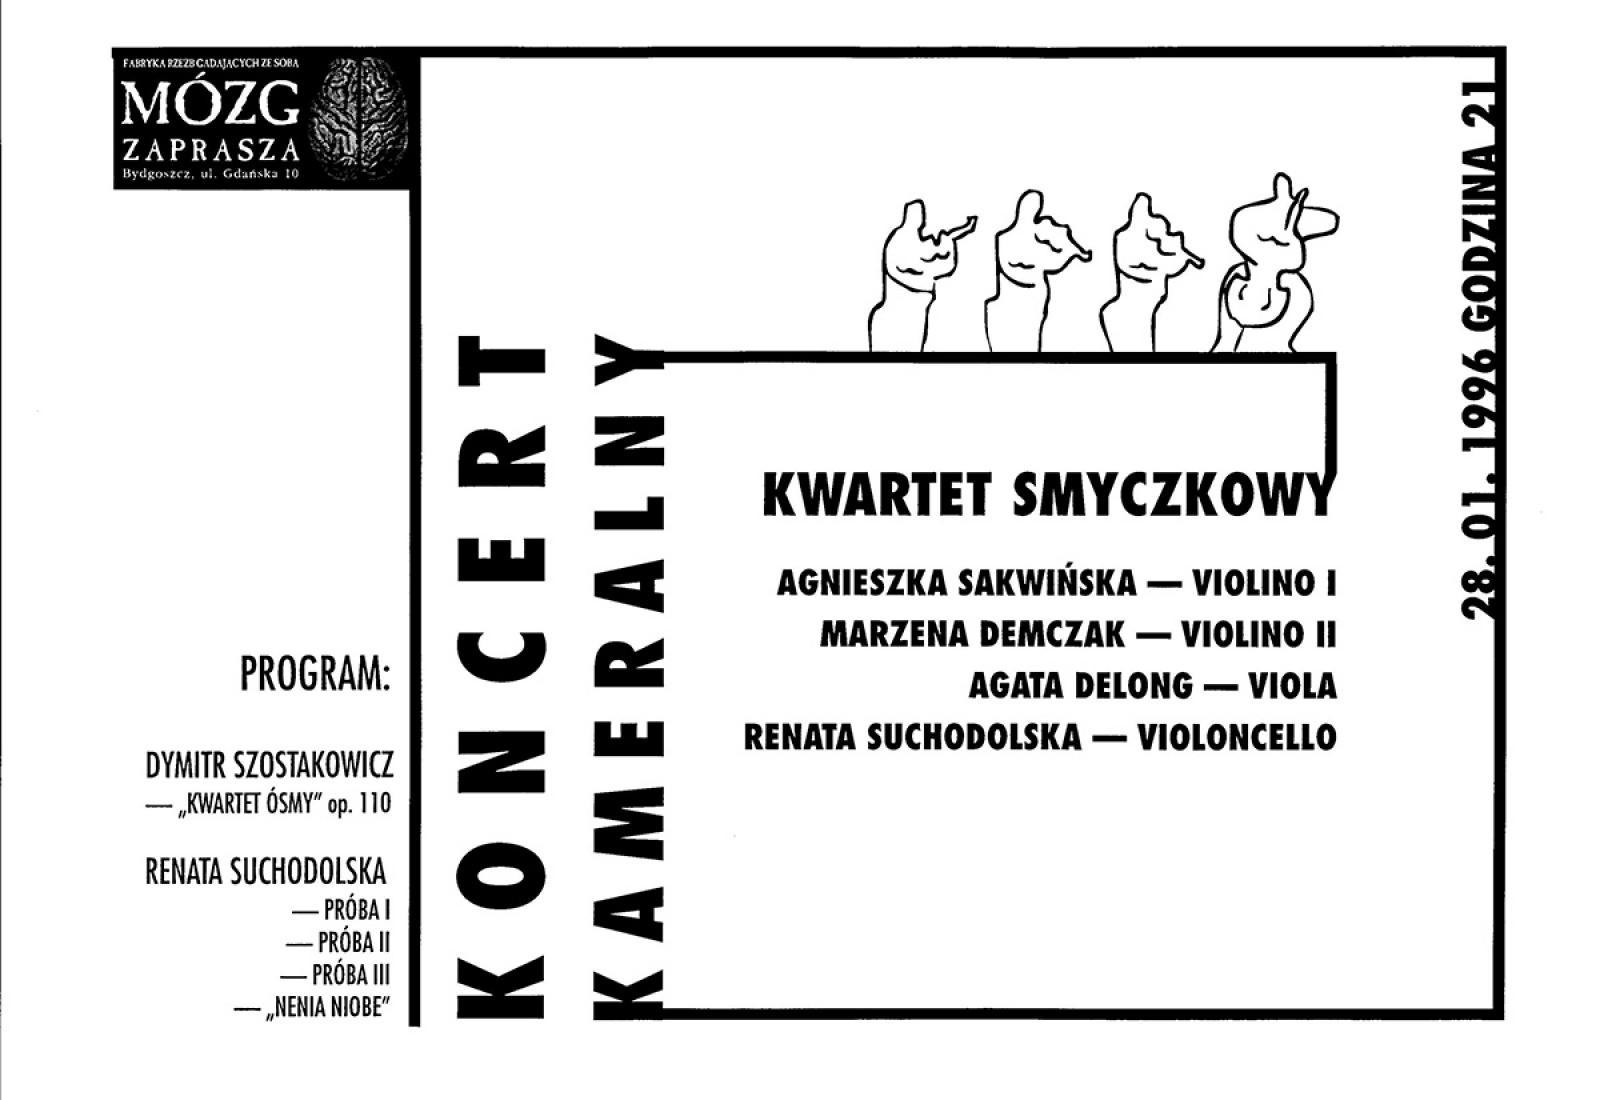 Kwartet smyczkowy: Agnieszka Sakwińska / Marzena Demczak / Agata Delong / Renata Suchodolska